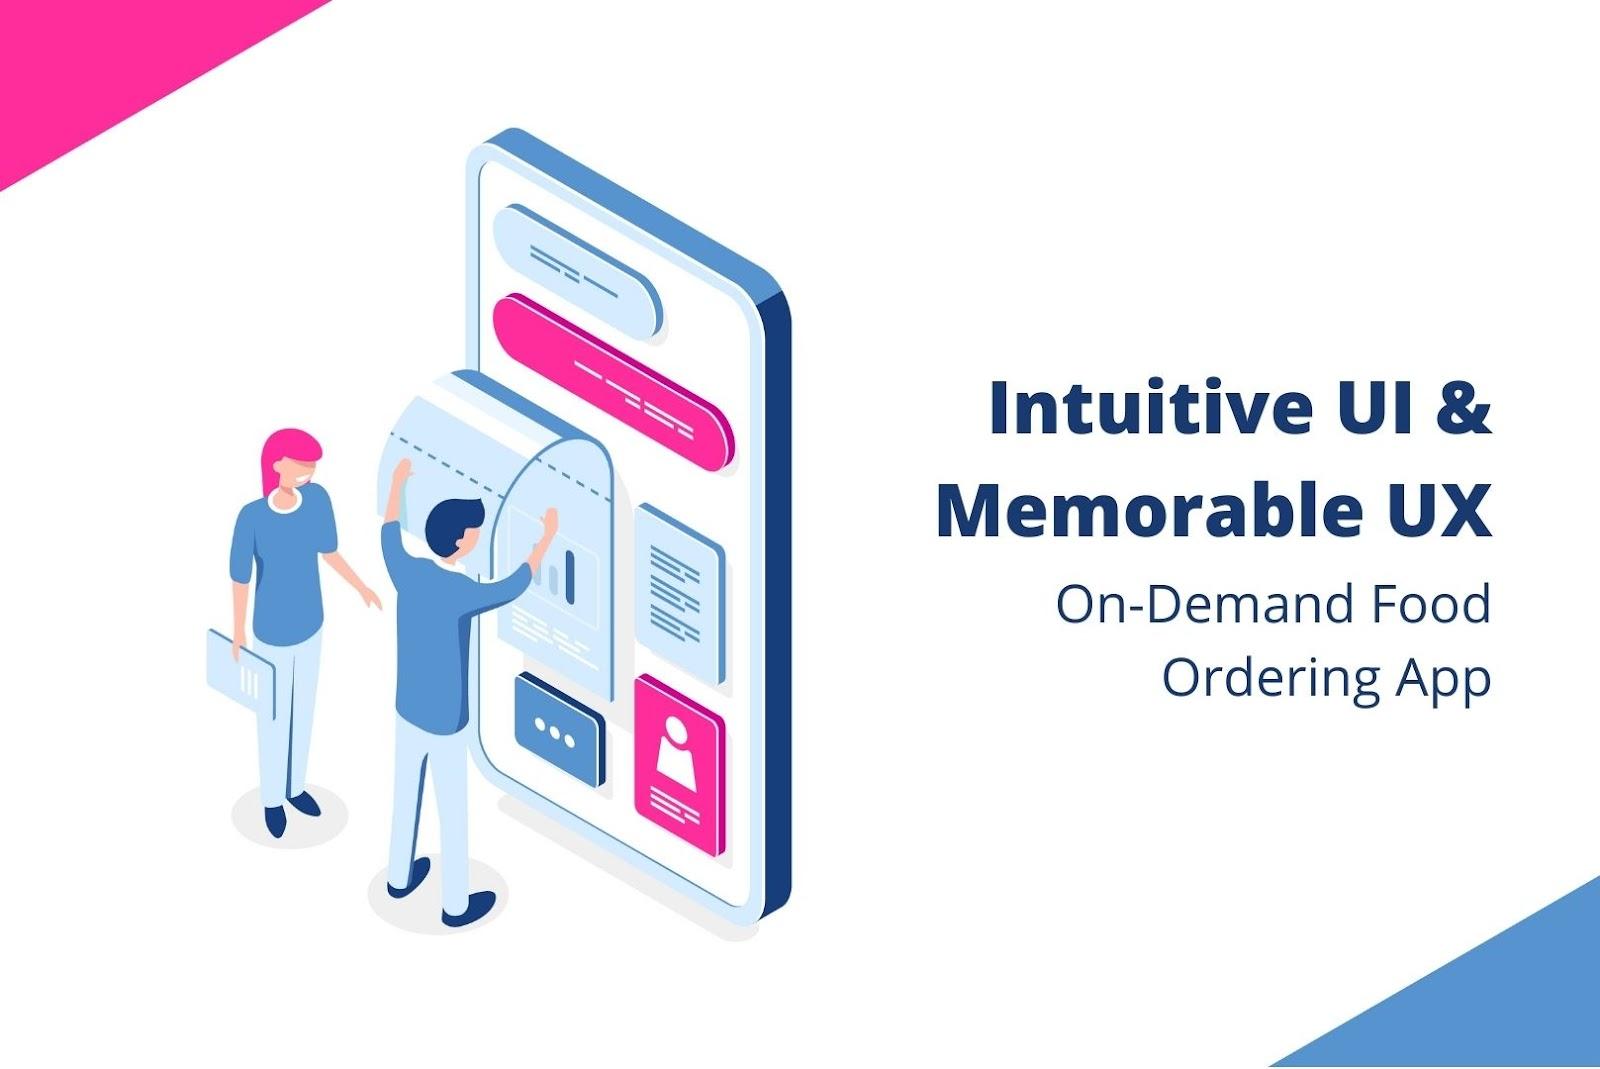 UI UX On-demand food ordering app